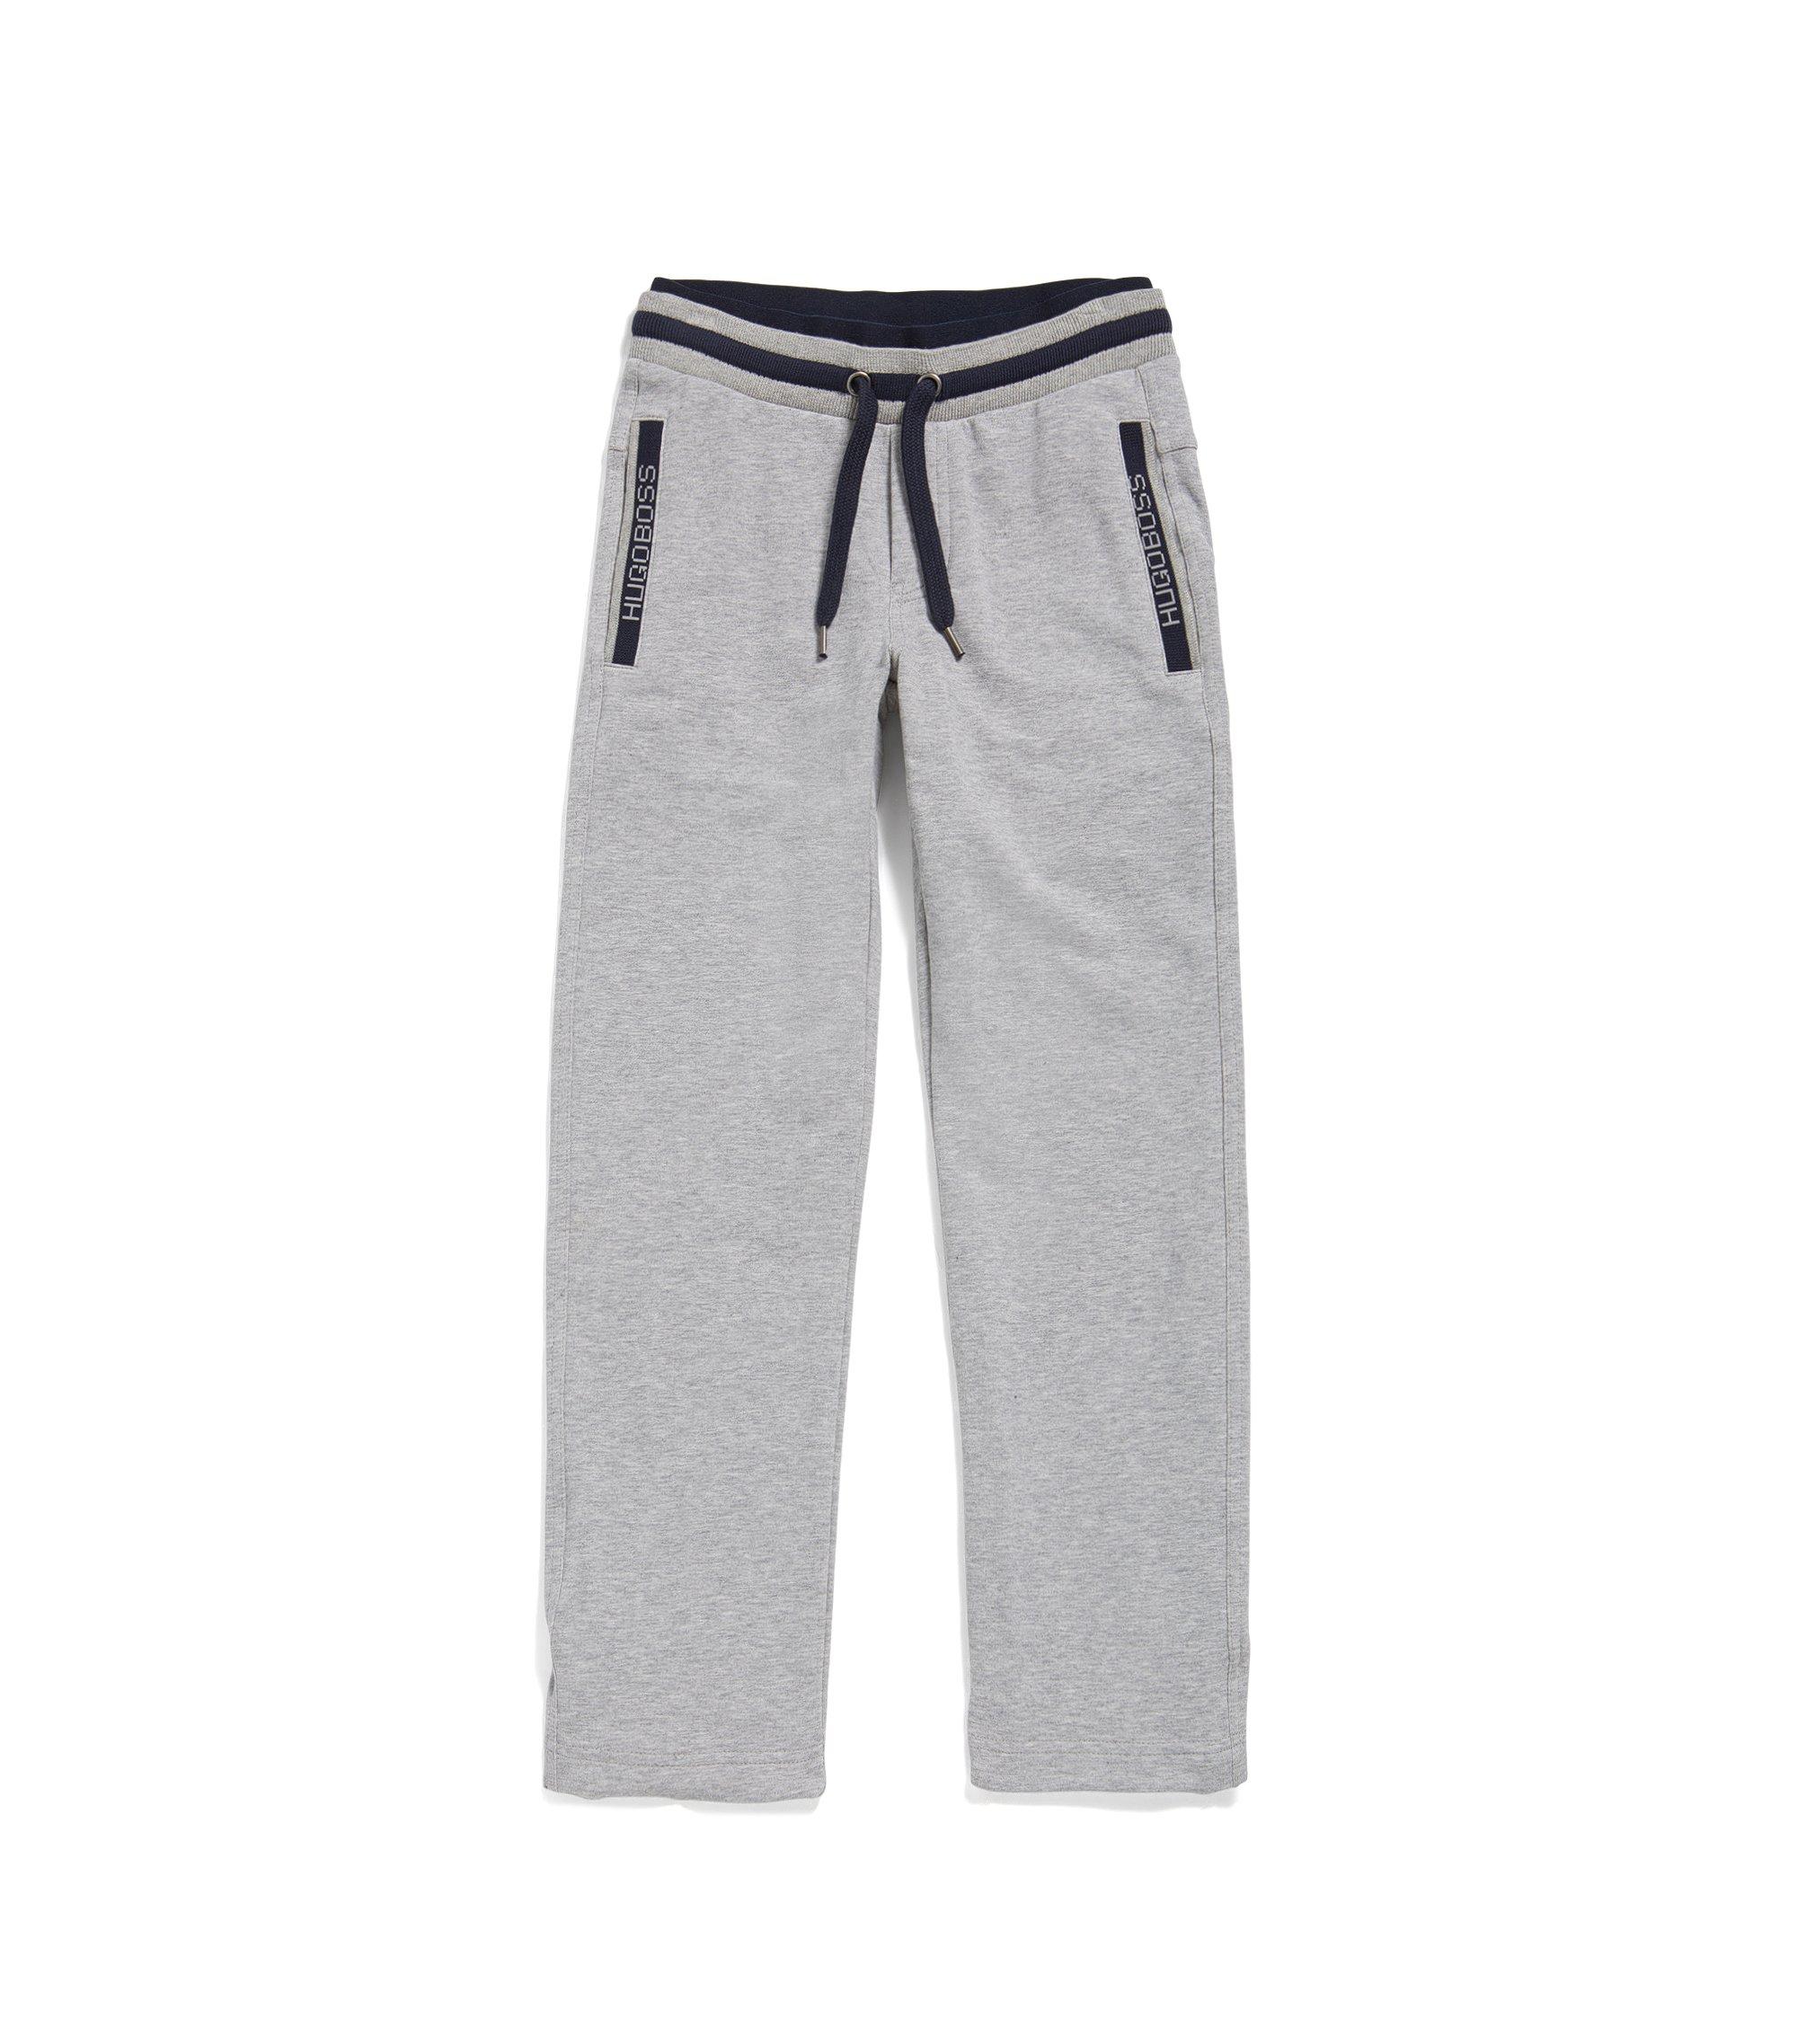 Pantaloni da jogging da bambino con cordoncino in cotone elasticizzato, Grigio chiaro